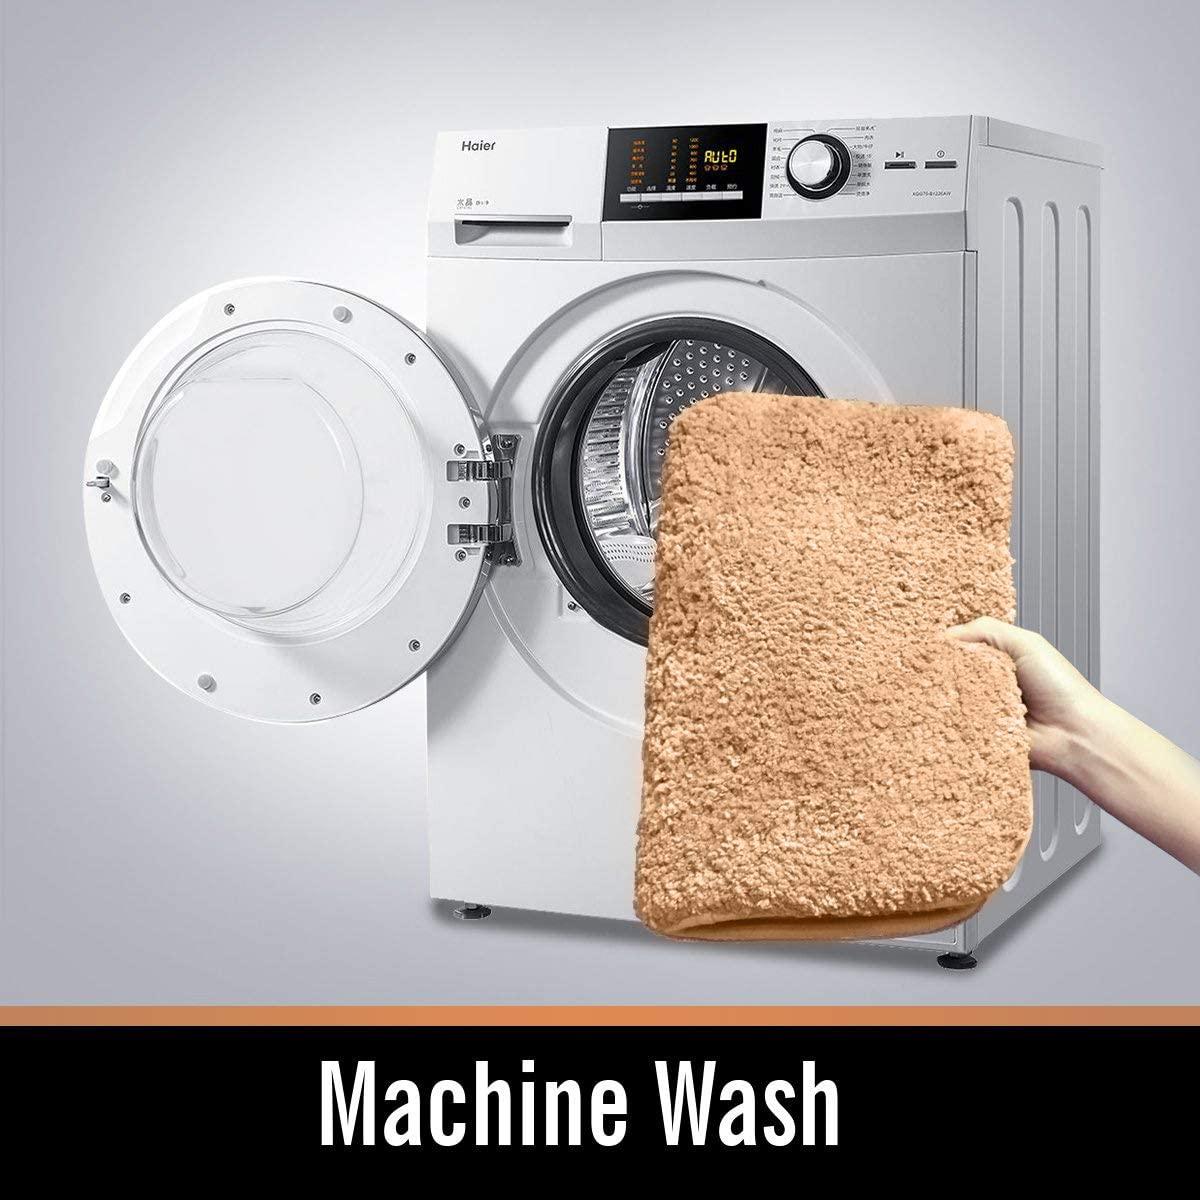 Salle de bain et WC Cuisine & Maison Beige ZCZUOX Tapis de Bain  Antidérapant Microfibre Douce Lavable en Machine 50x80 cm Salle de bain et  WC Cuisine & Maison allopizzaterrebonne.com